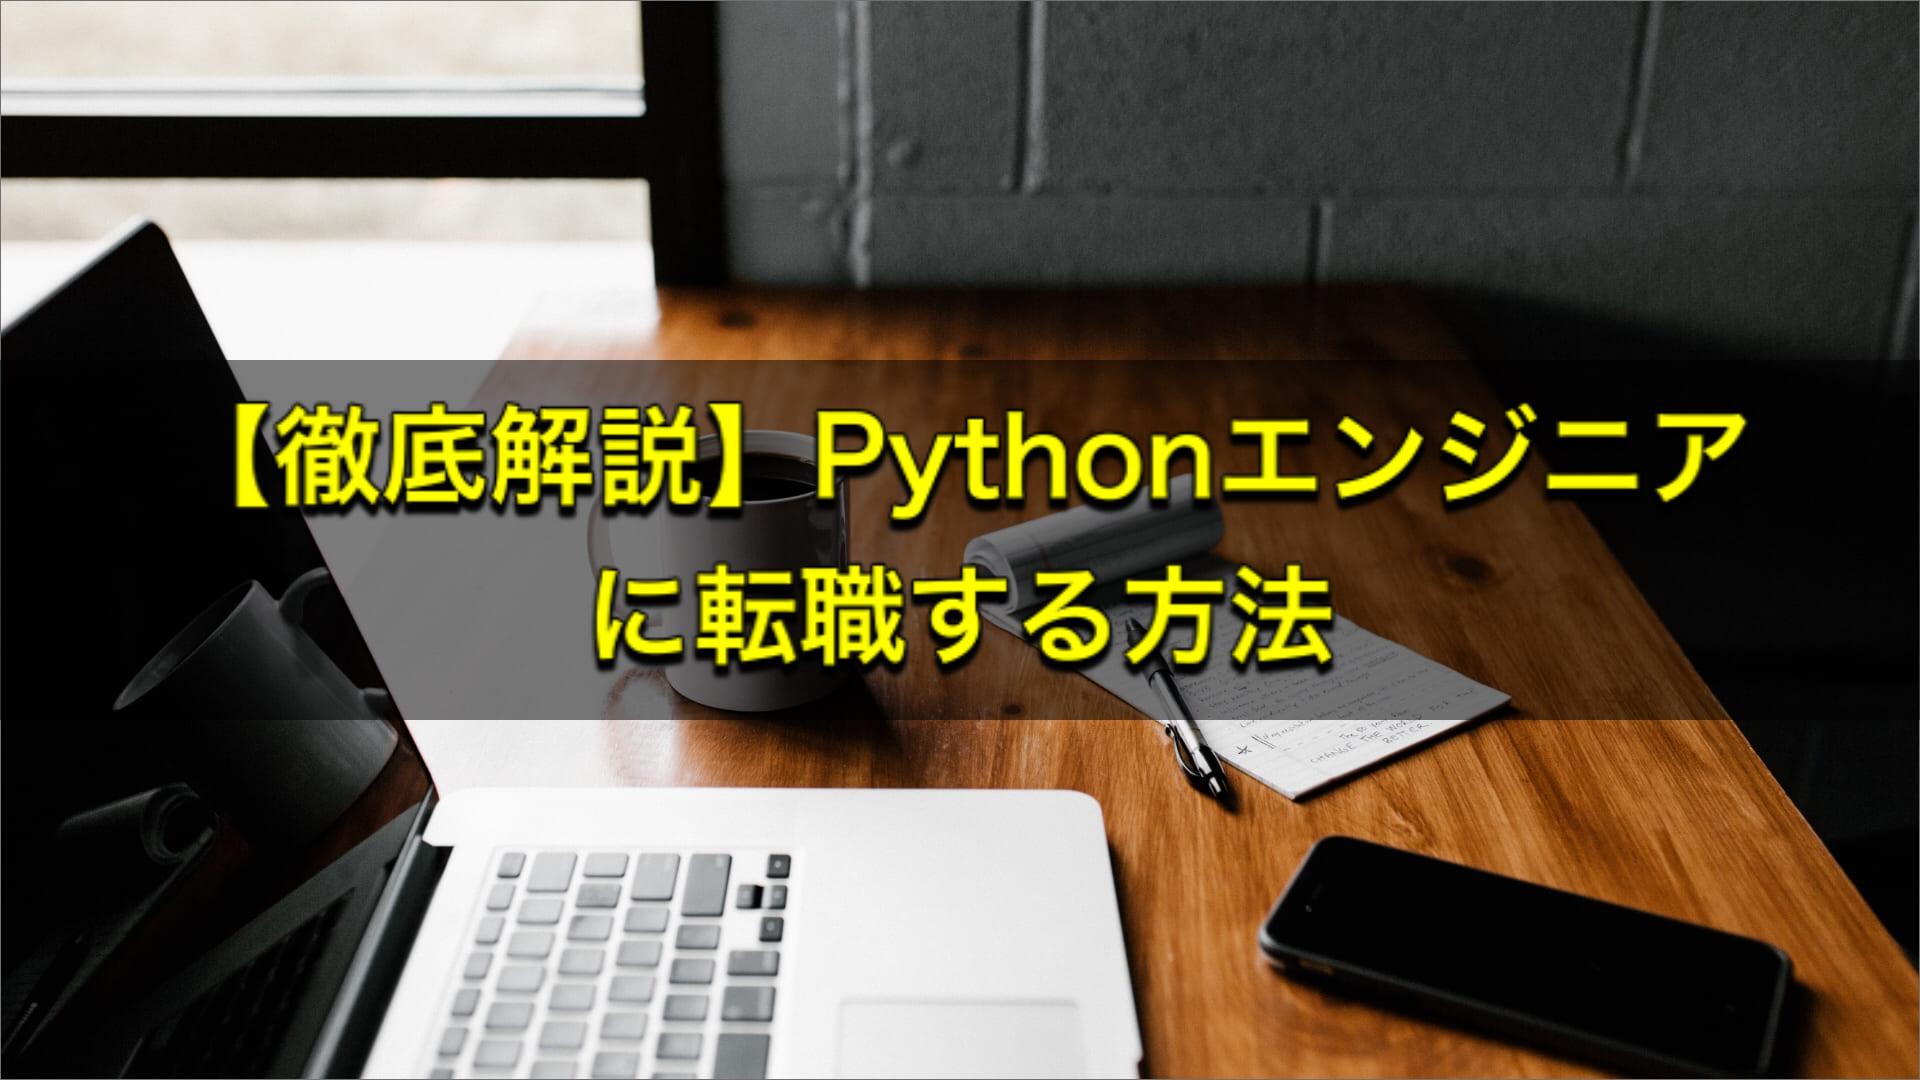 【徹底解説】Pythonエンジニアに転職する方法【失敗しない方法を詳しく解説】